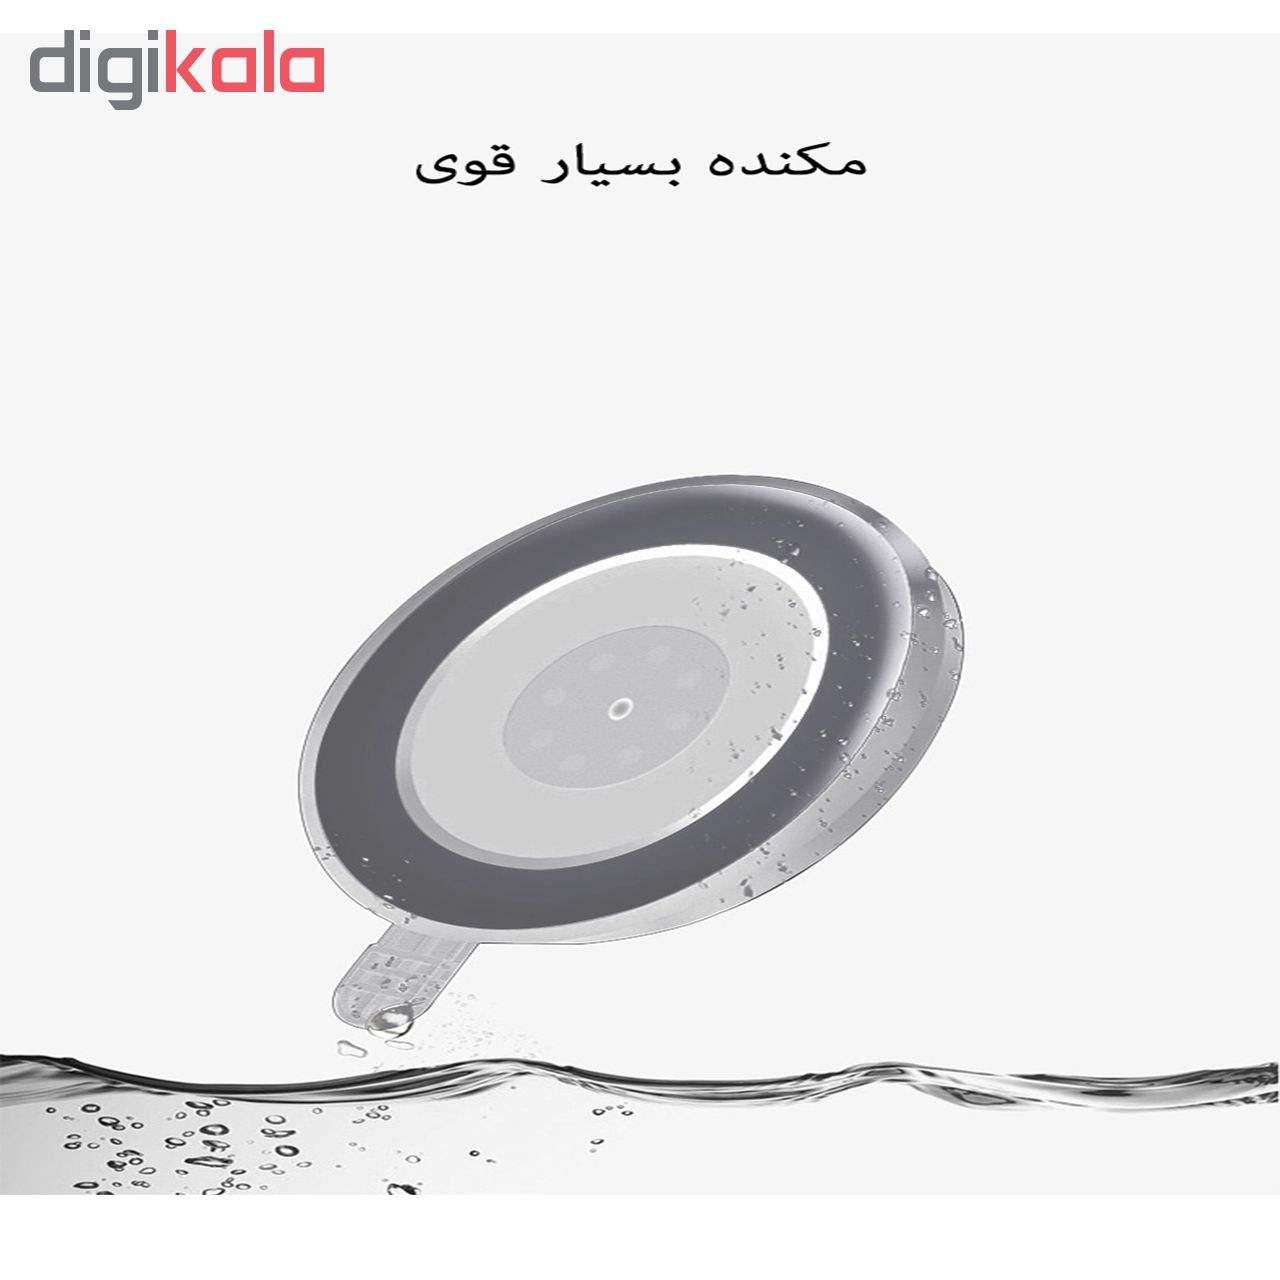 پایه نگهدارنده گوشی موبایل یسیدو مدل C44 main 1 3